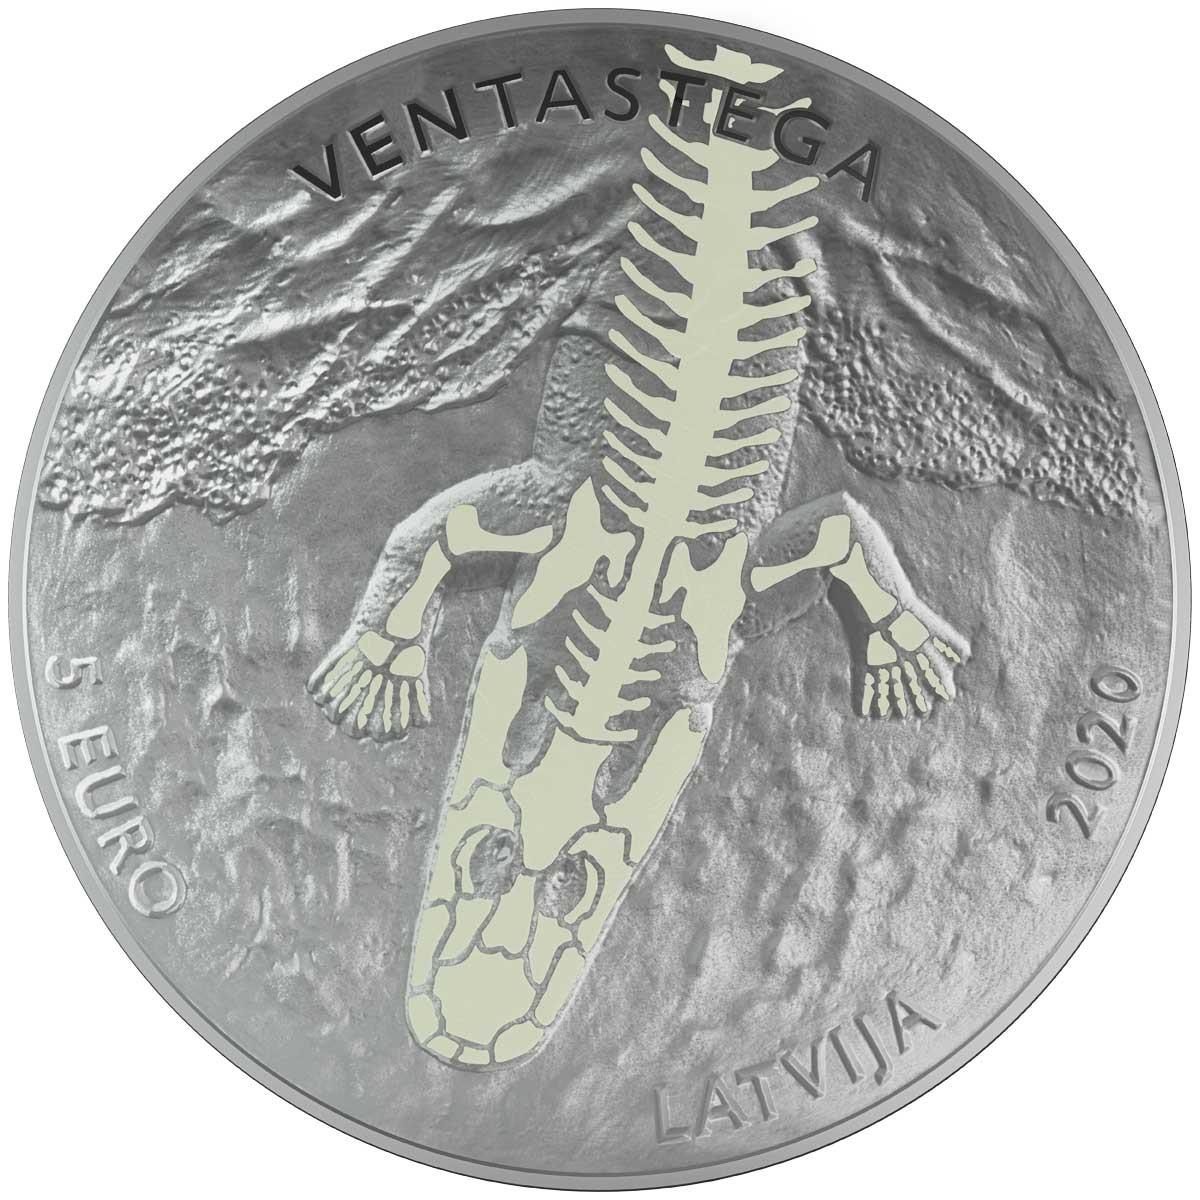 Латвия монета 5 евро Вентастега, аверс